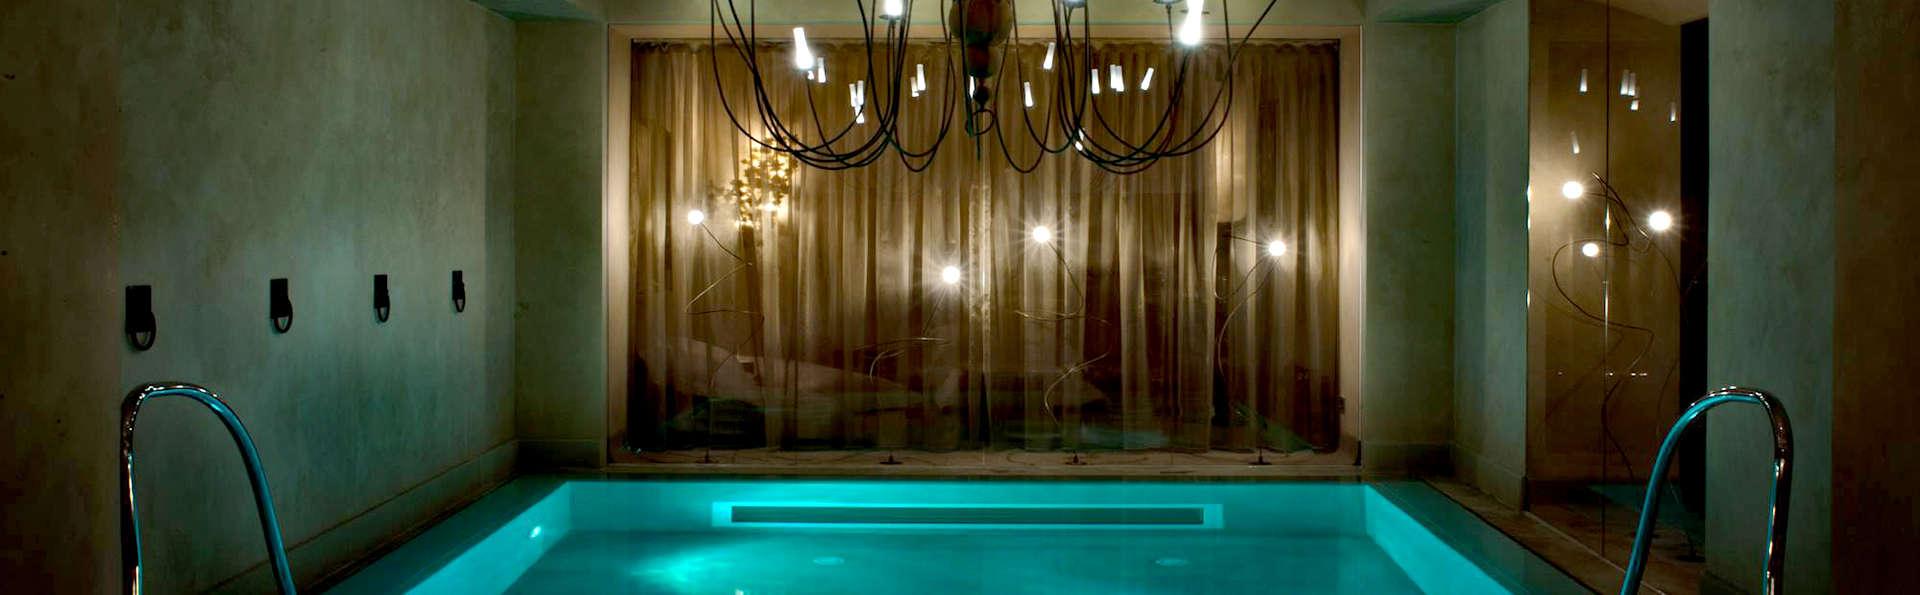 Nuitées inoubliables dans un fantastique hôtel 5* à Milan !